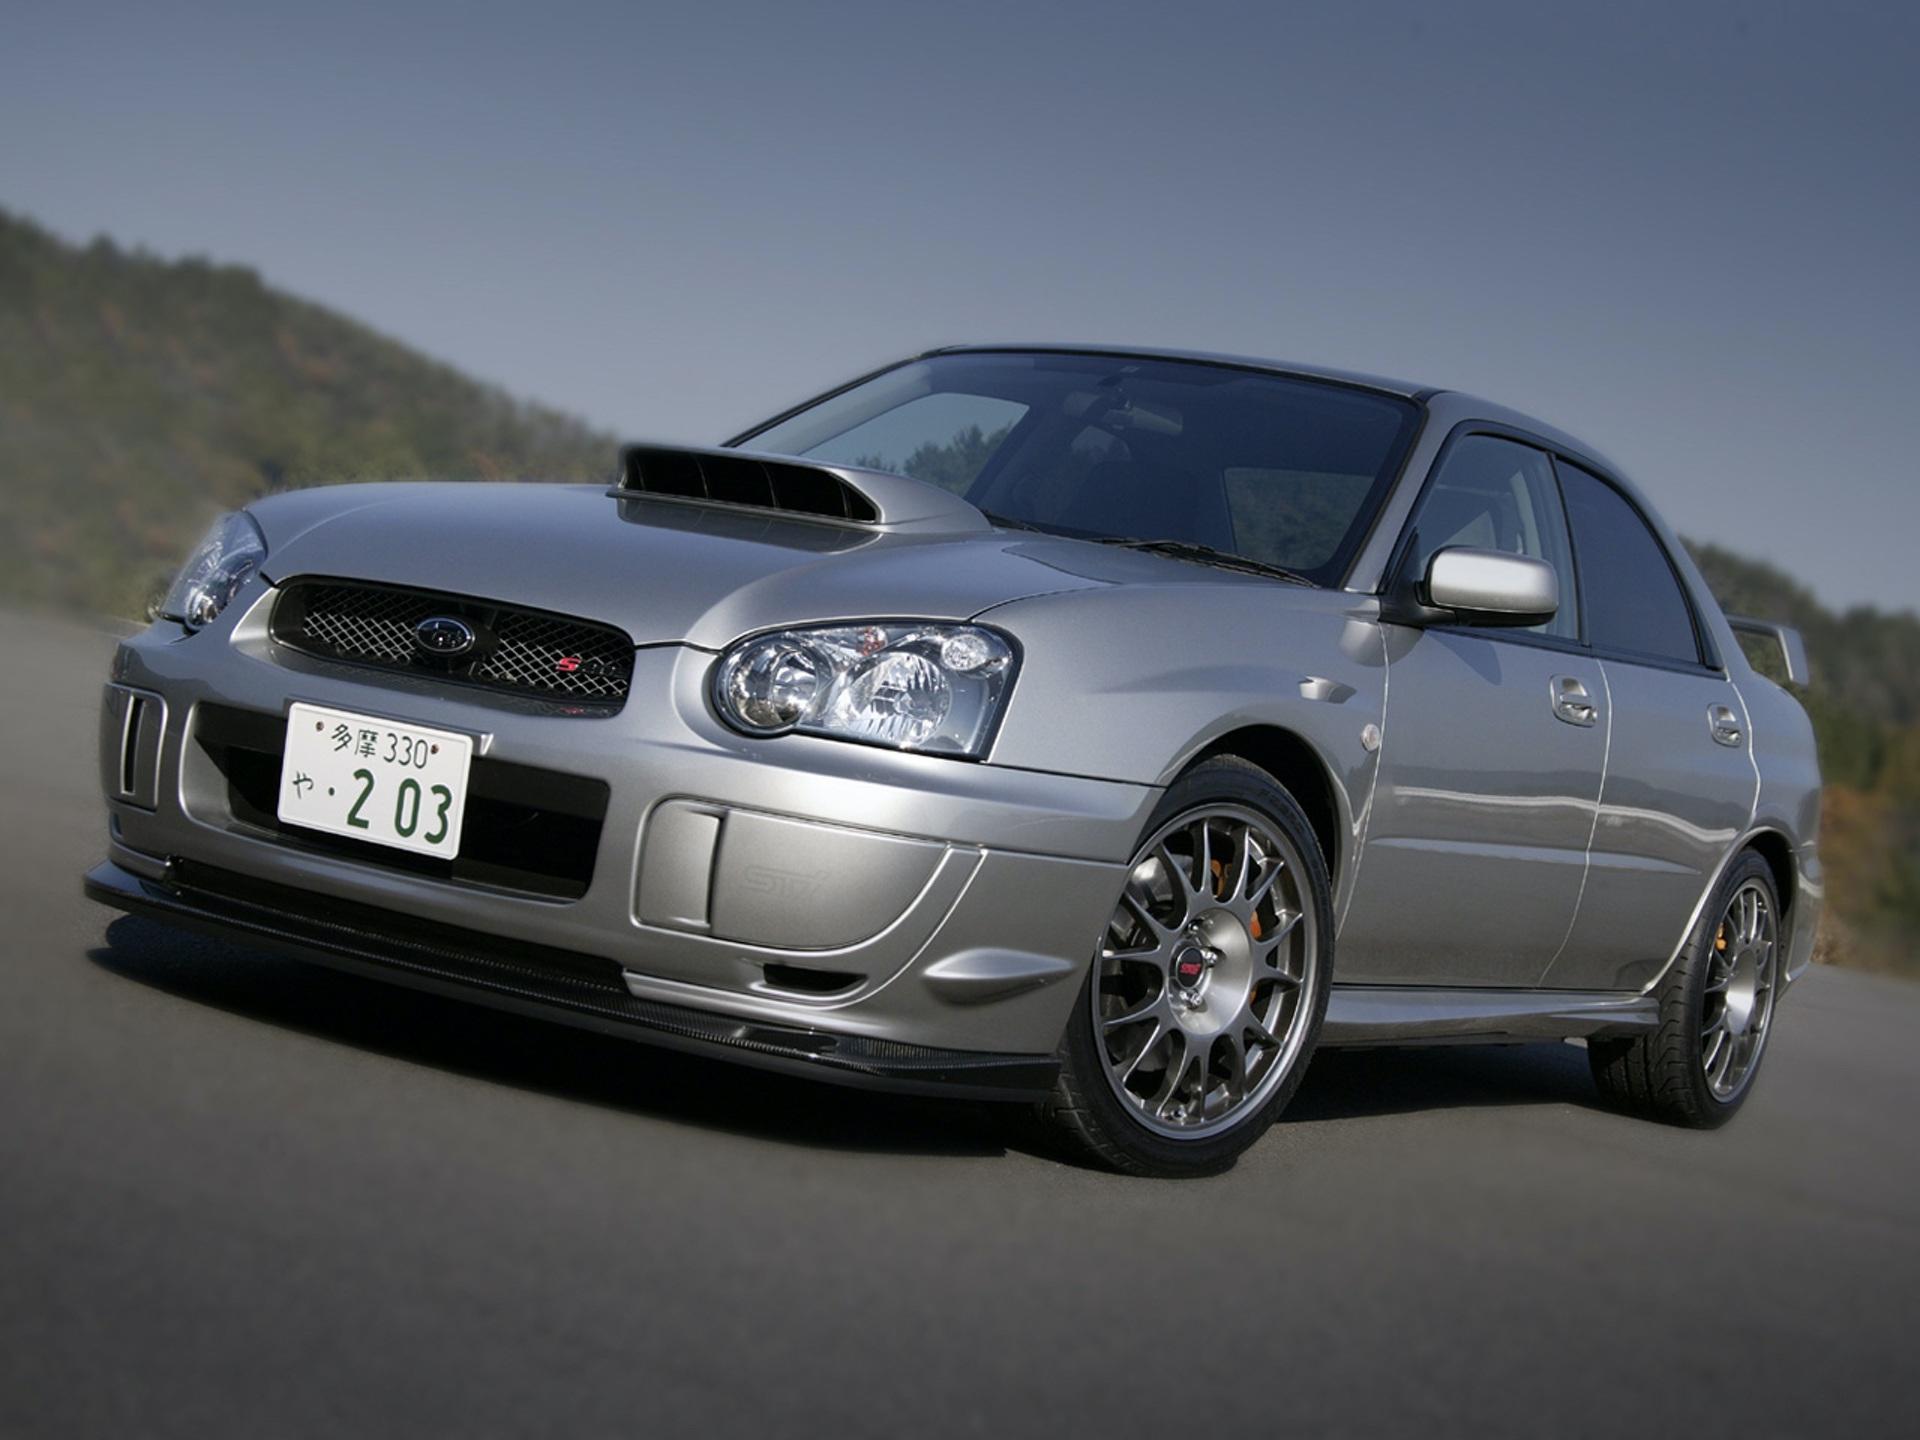 Subaru_Impreza_STI_S203_0005